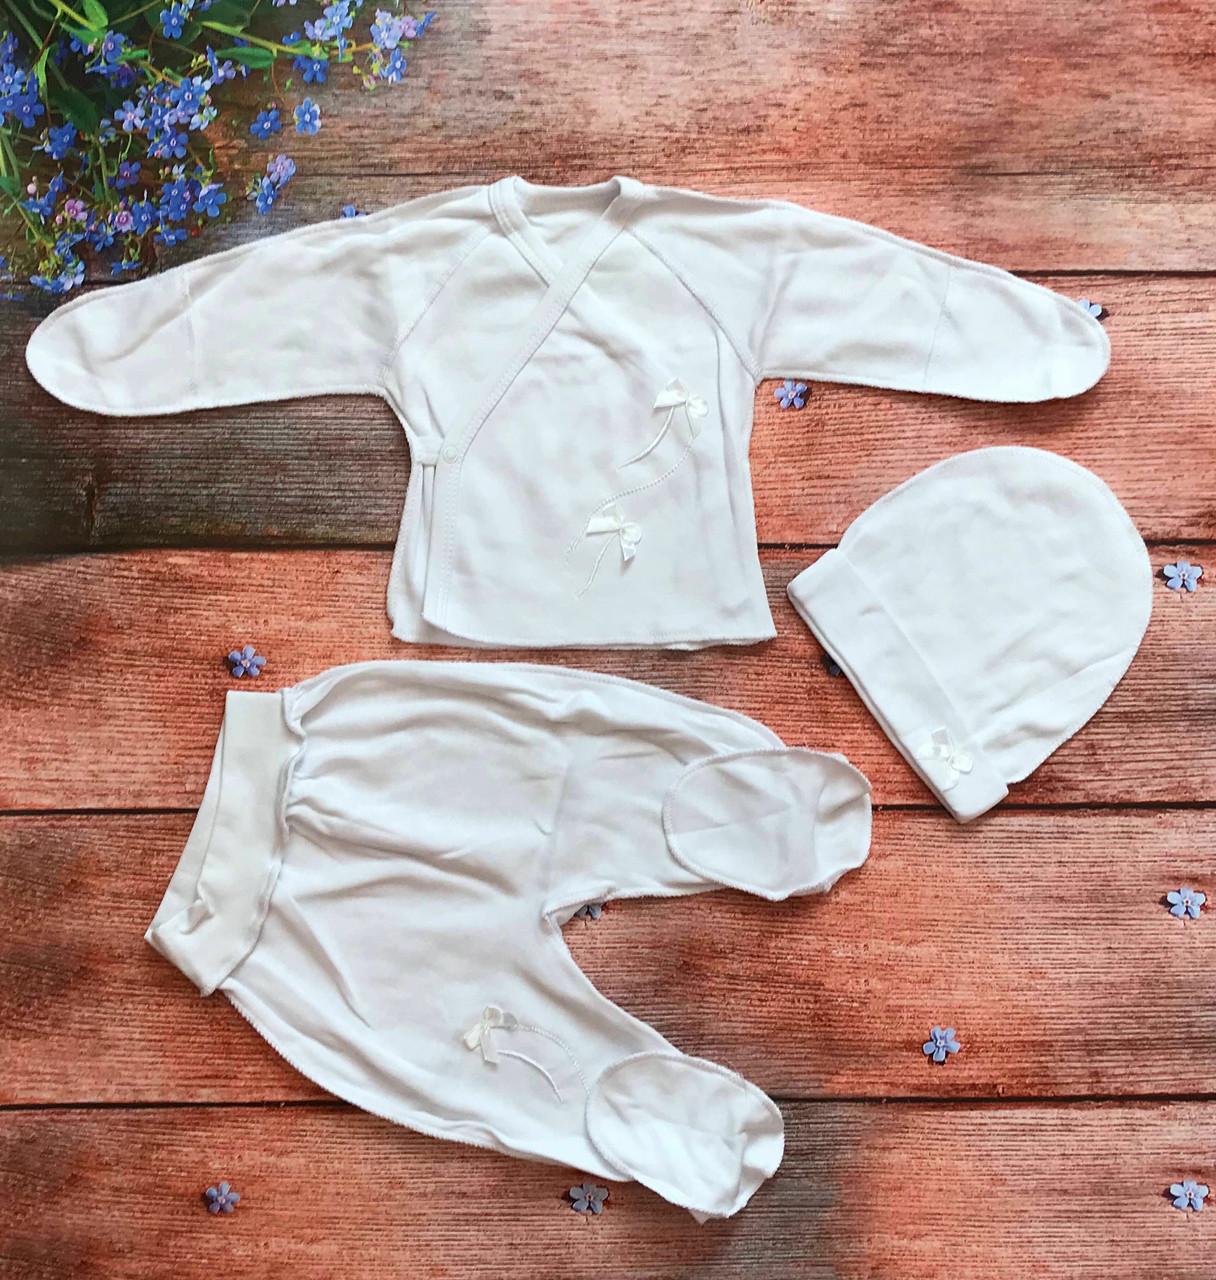 Комплект ясельный Чадо на выписку из роддома или крестины  (ползуны, распашонка, чепчик) 62 см белый